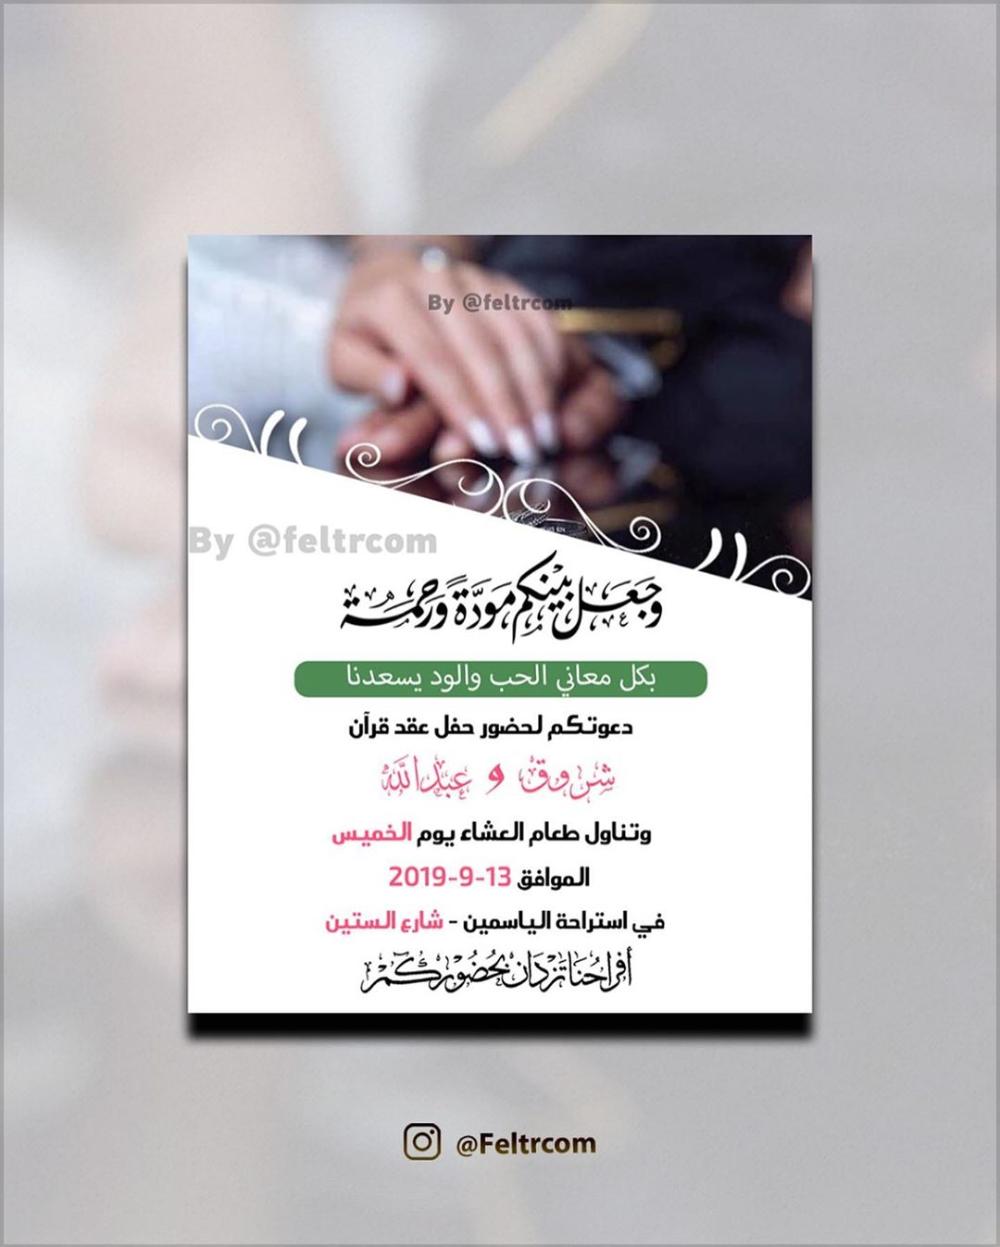 تصميم فلاتر و عدسات سناب On Instagram بطاقة دعوة زواج بطاقة دعوه بطاقة زواج بطاقة تهنئة بطاقة واتس بطاقة ت How To Draw Hands Wedding Cards Book Cover